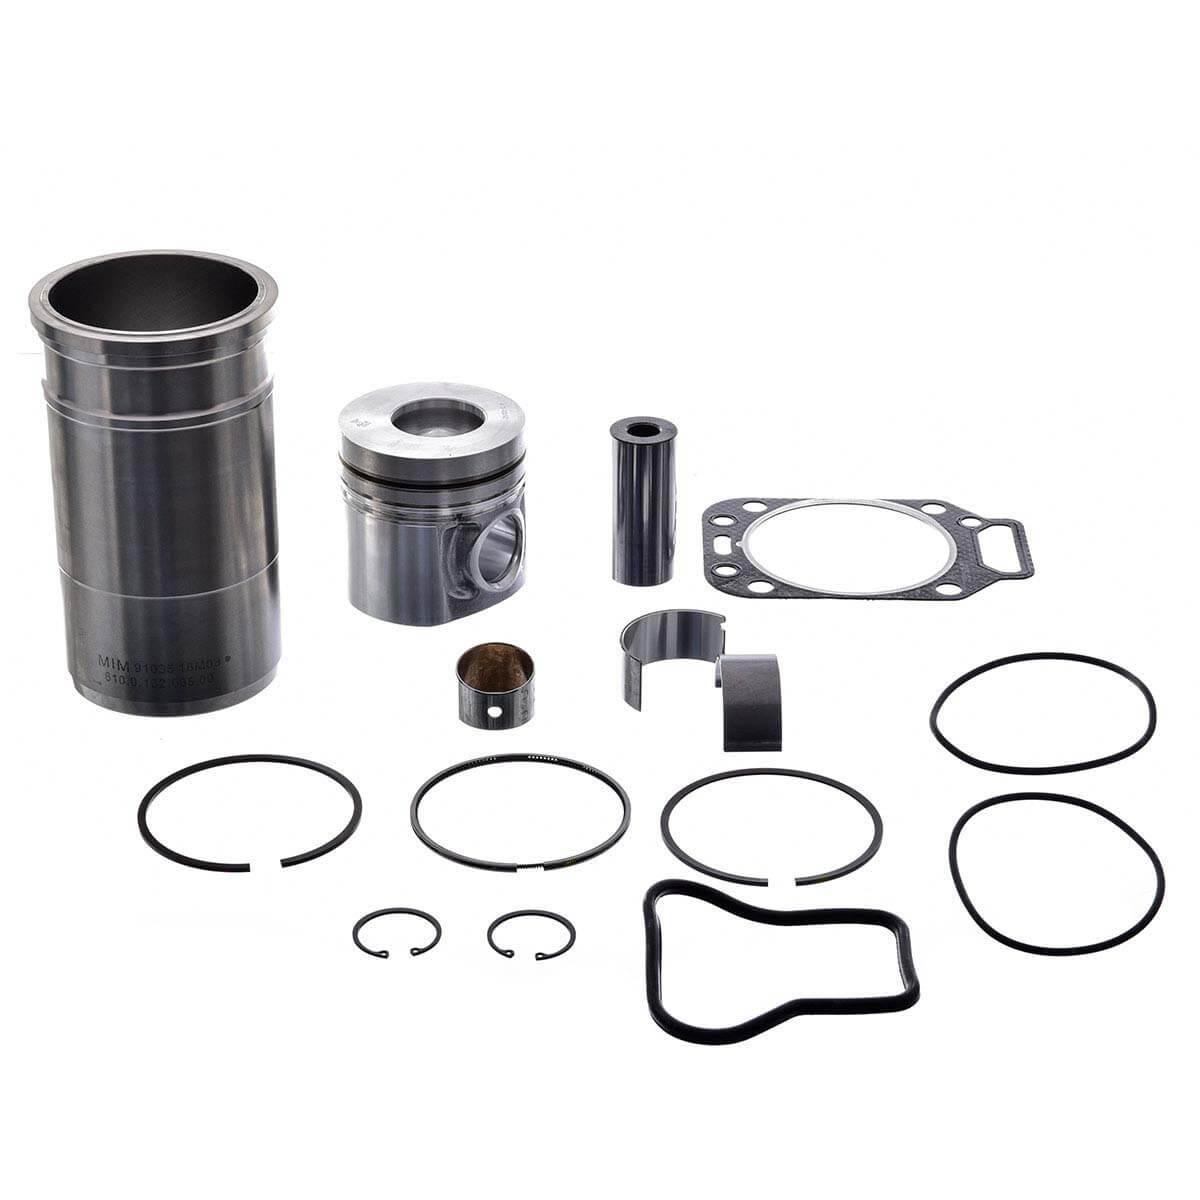 Kit Motor MWM X10 7110 8120 8140 8150 12150 13150 P/ 1cil